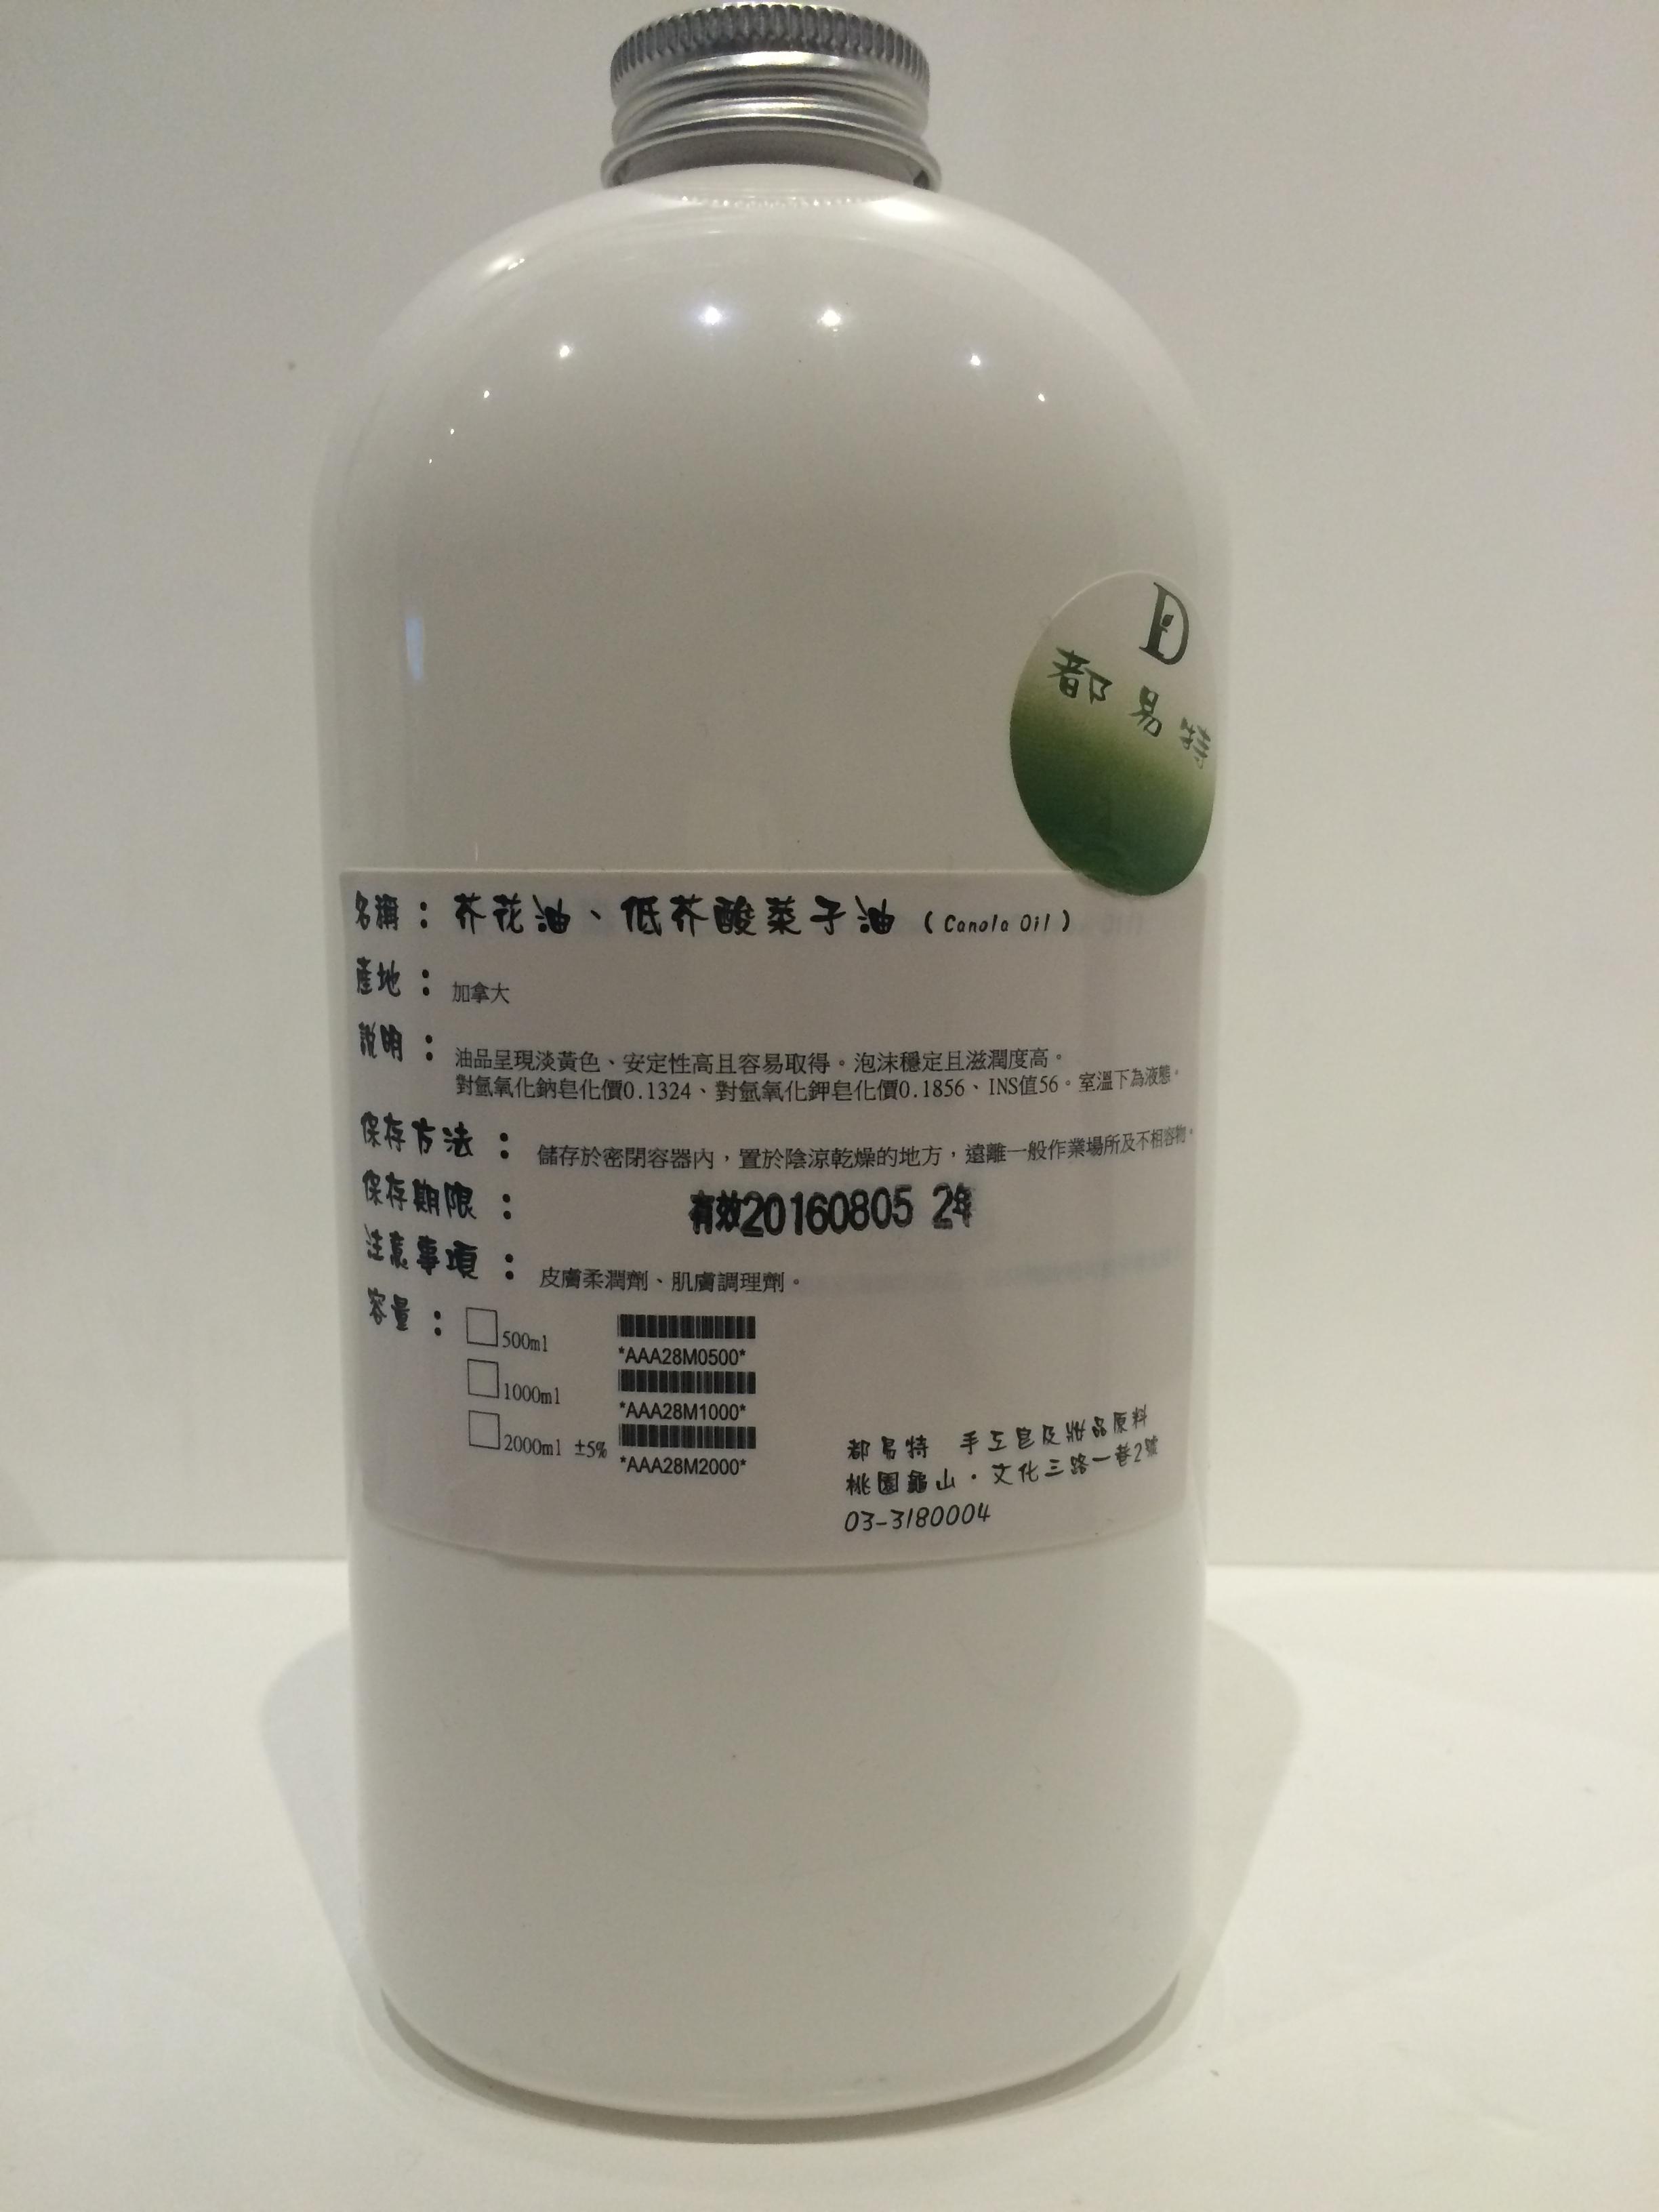 【都易特】芥花油 500/ 1000/ 2000/ 5000 ml 分裝 進口 精製 皂用 手工皂 基礎油 原料